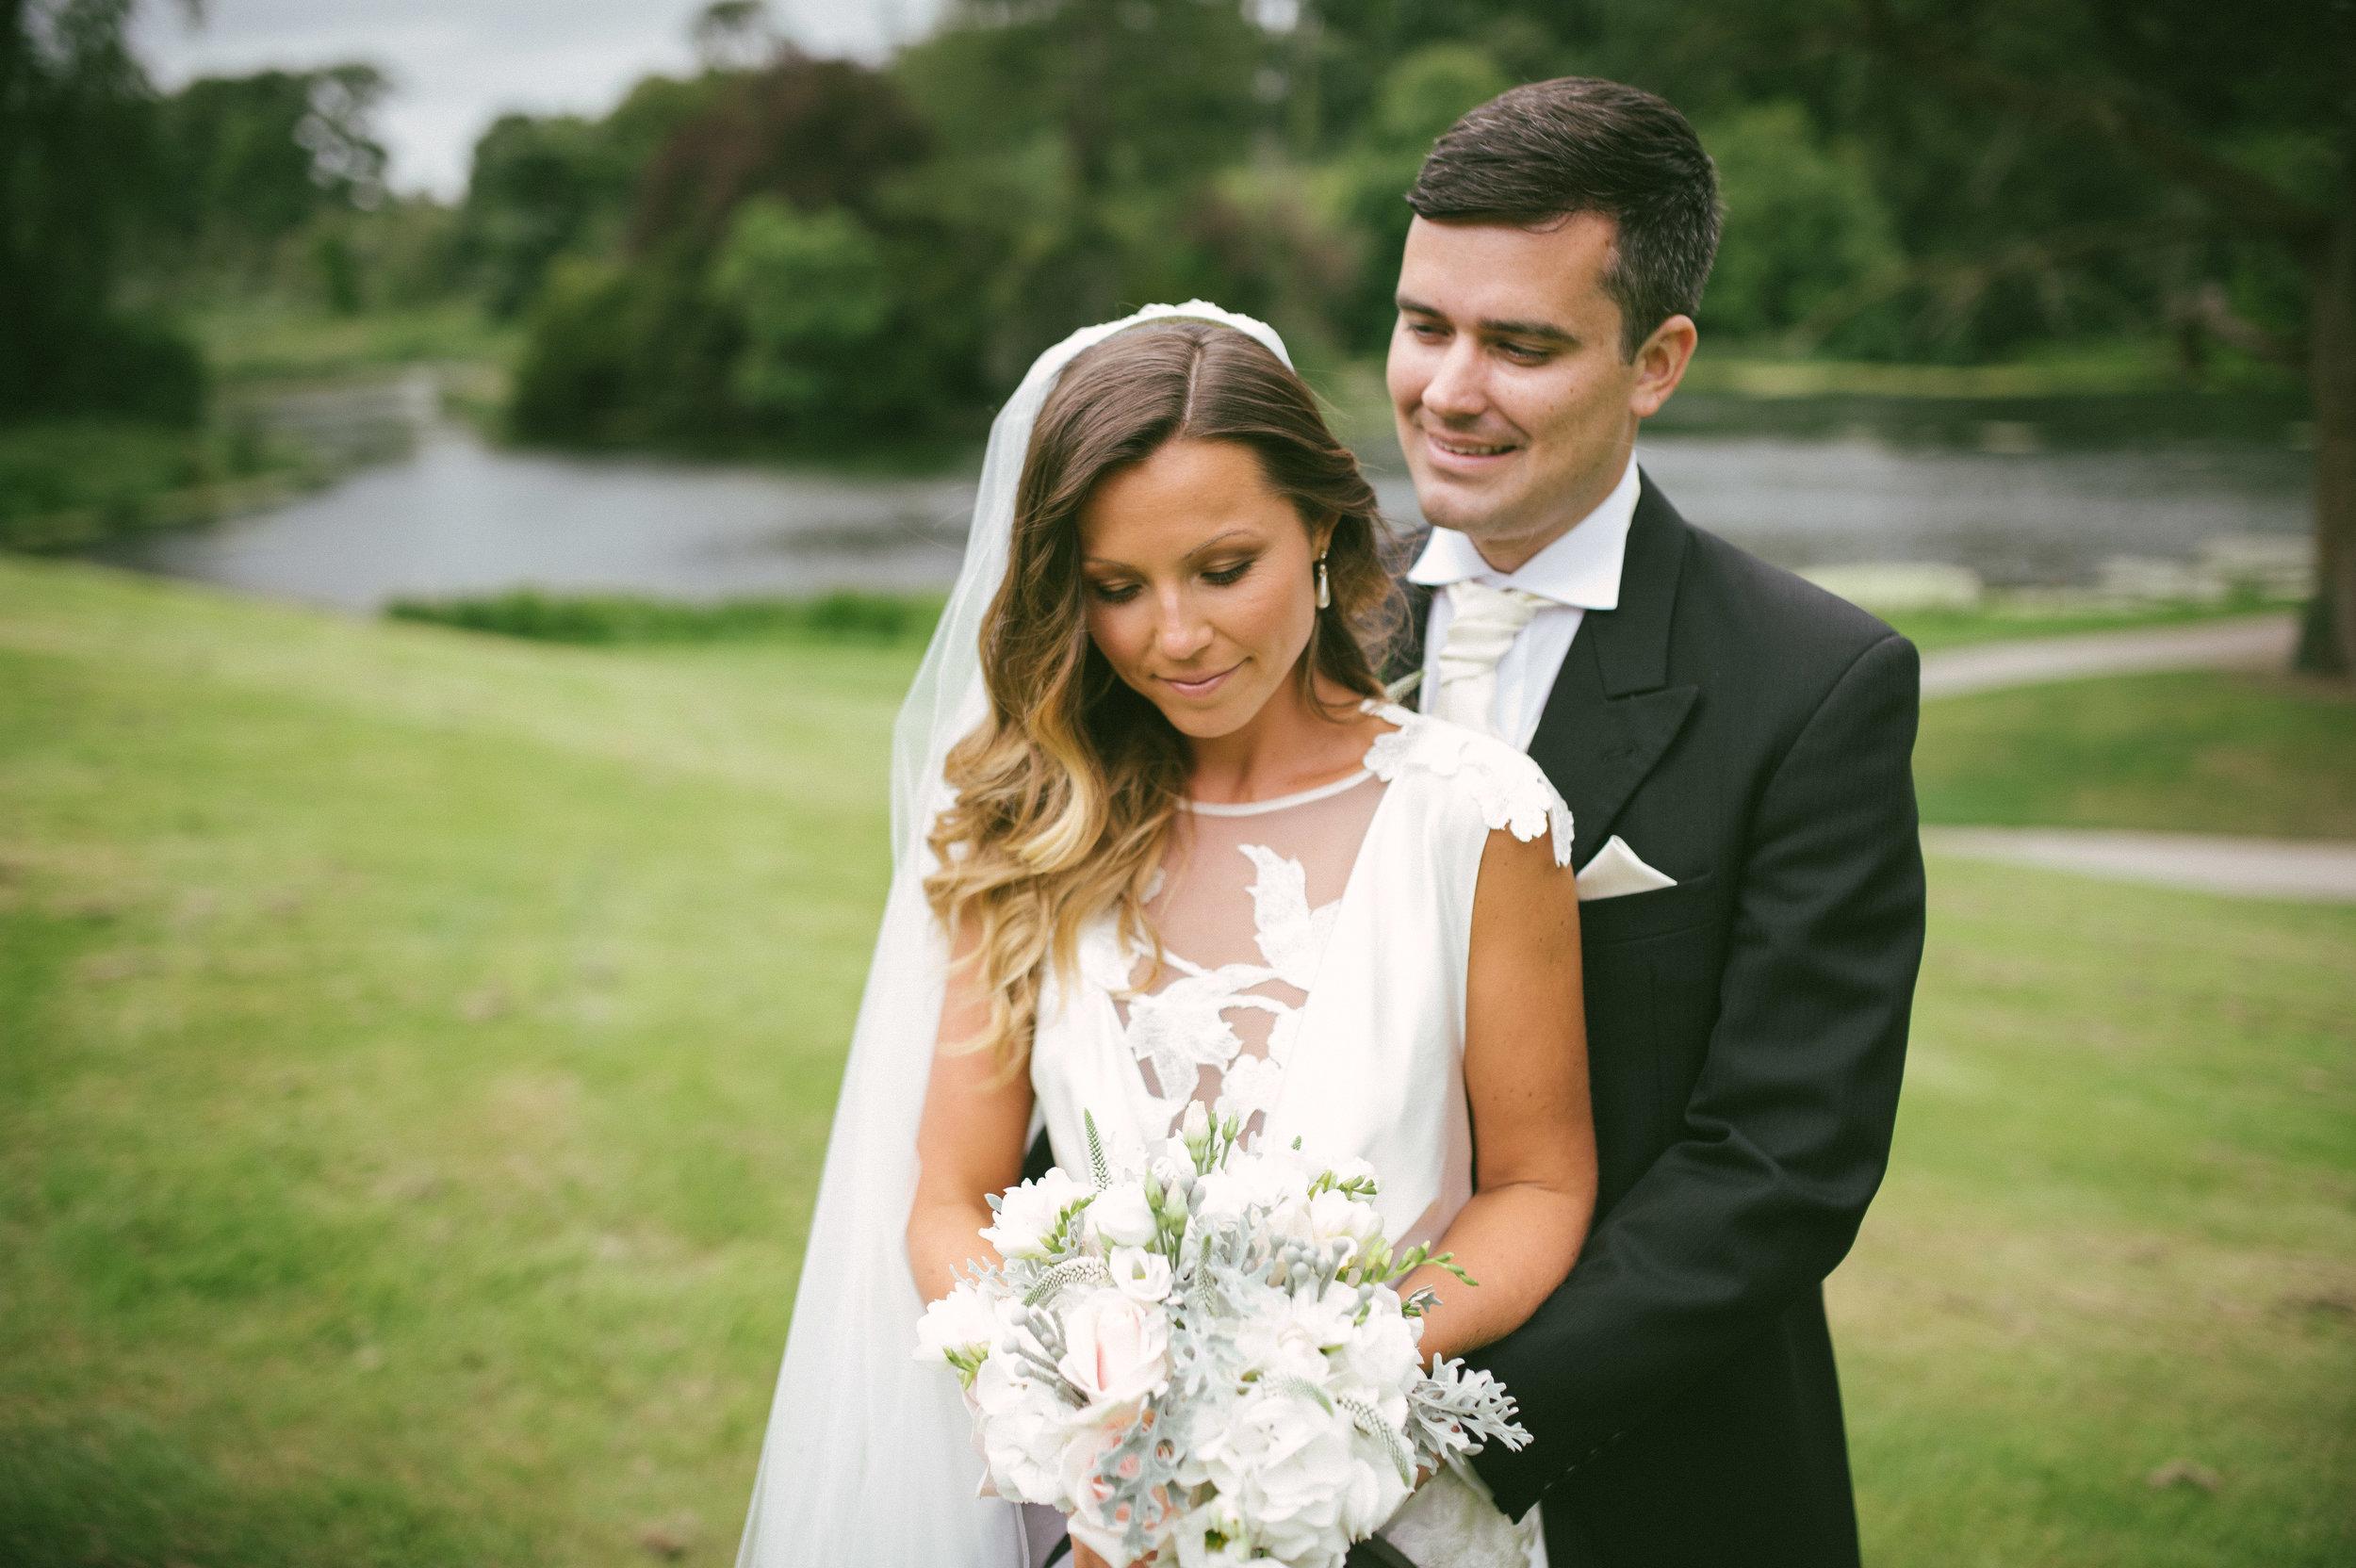 wedding-photography-carton-house-martina-california-456.jpg